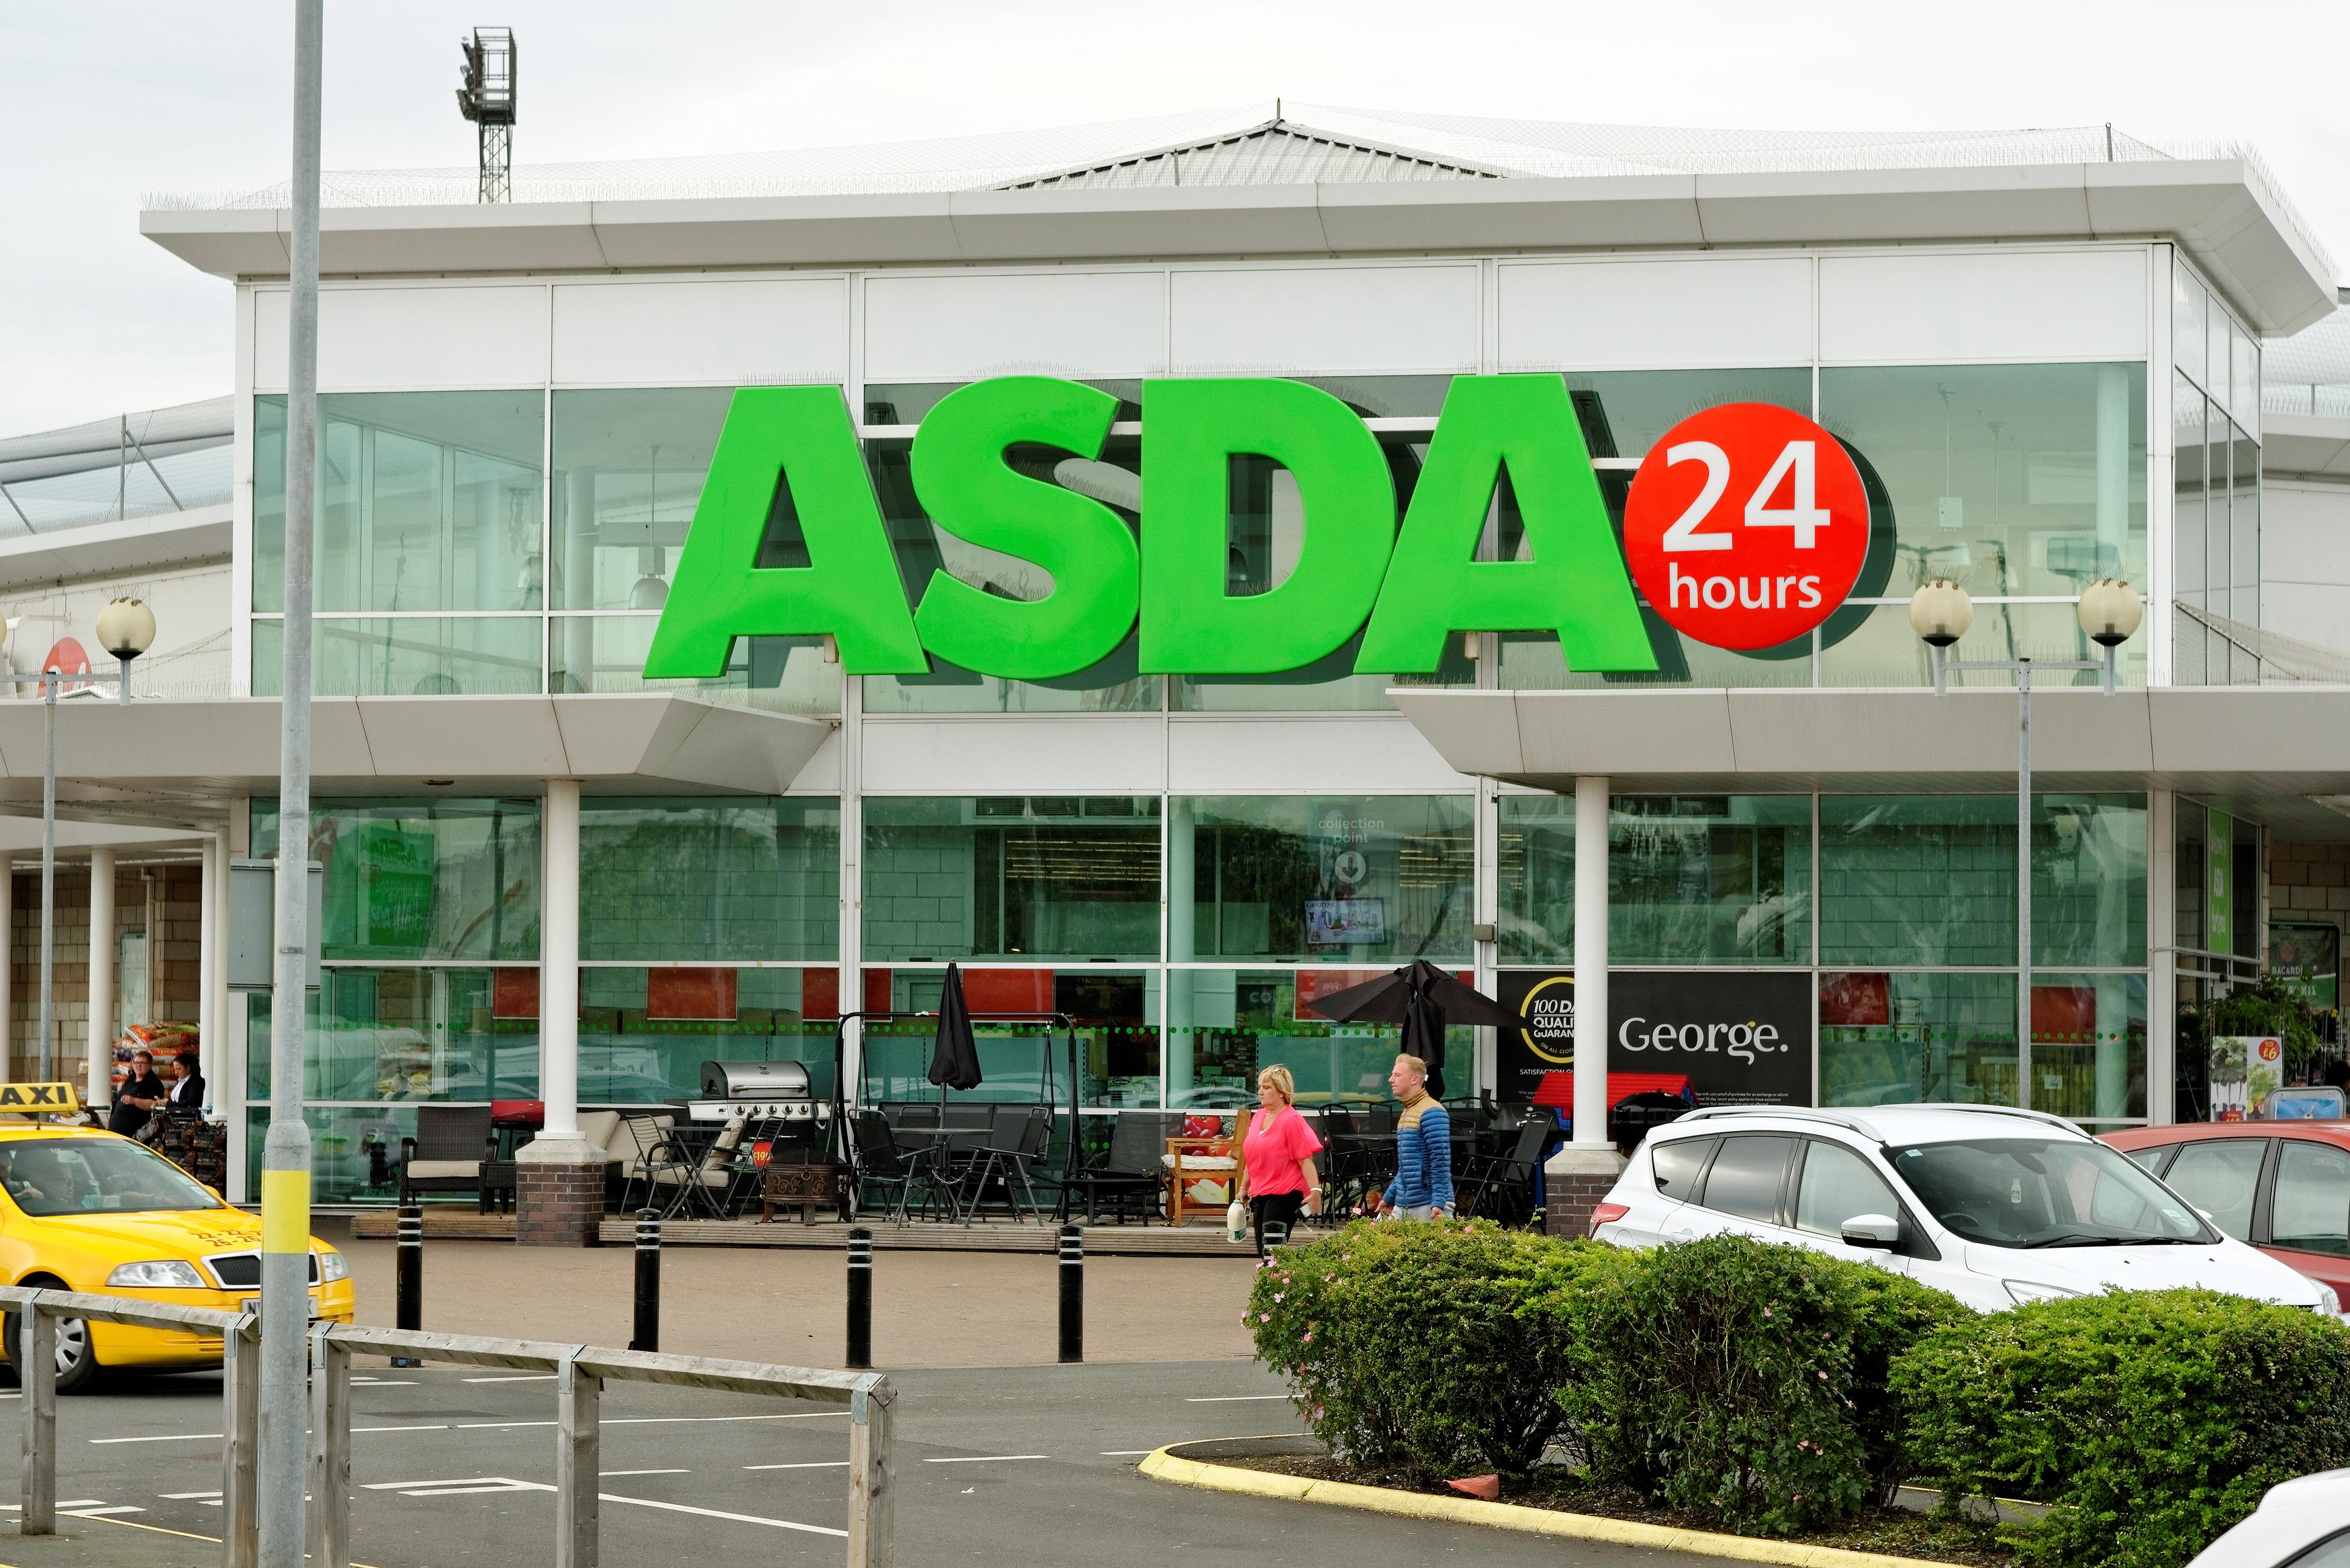 Asda named second-largest supermarket